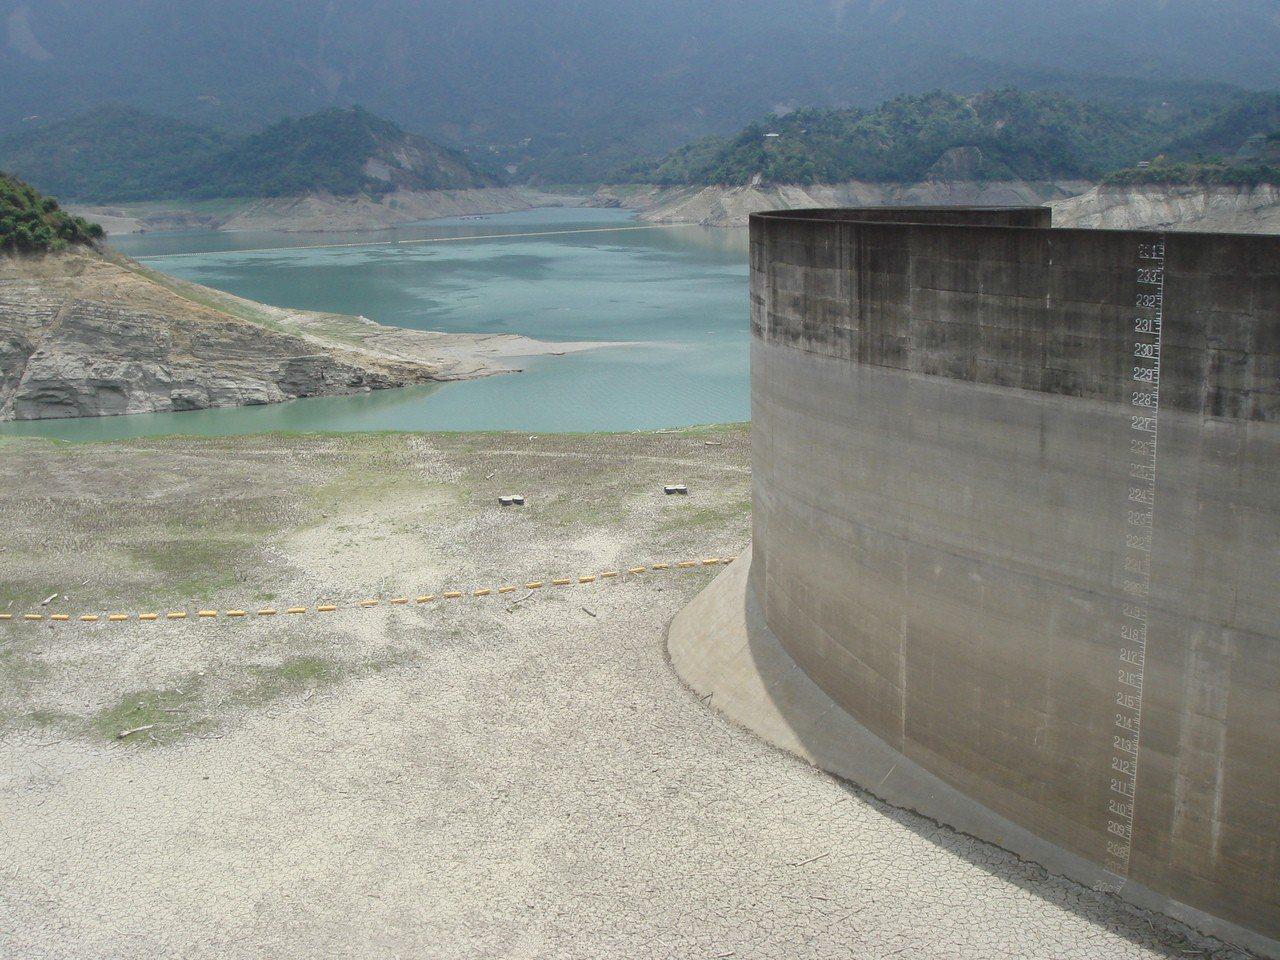 曾文水庫蓄水剩12% 南部進入水情最艱困期。記者吳淑玲/攝影